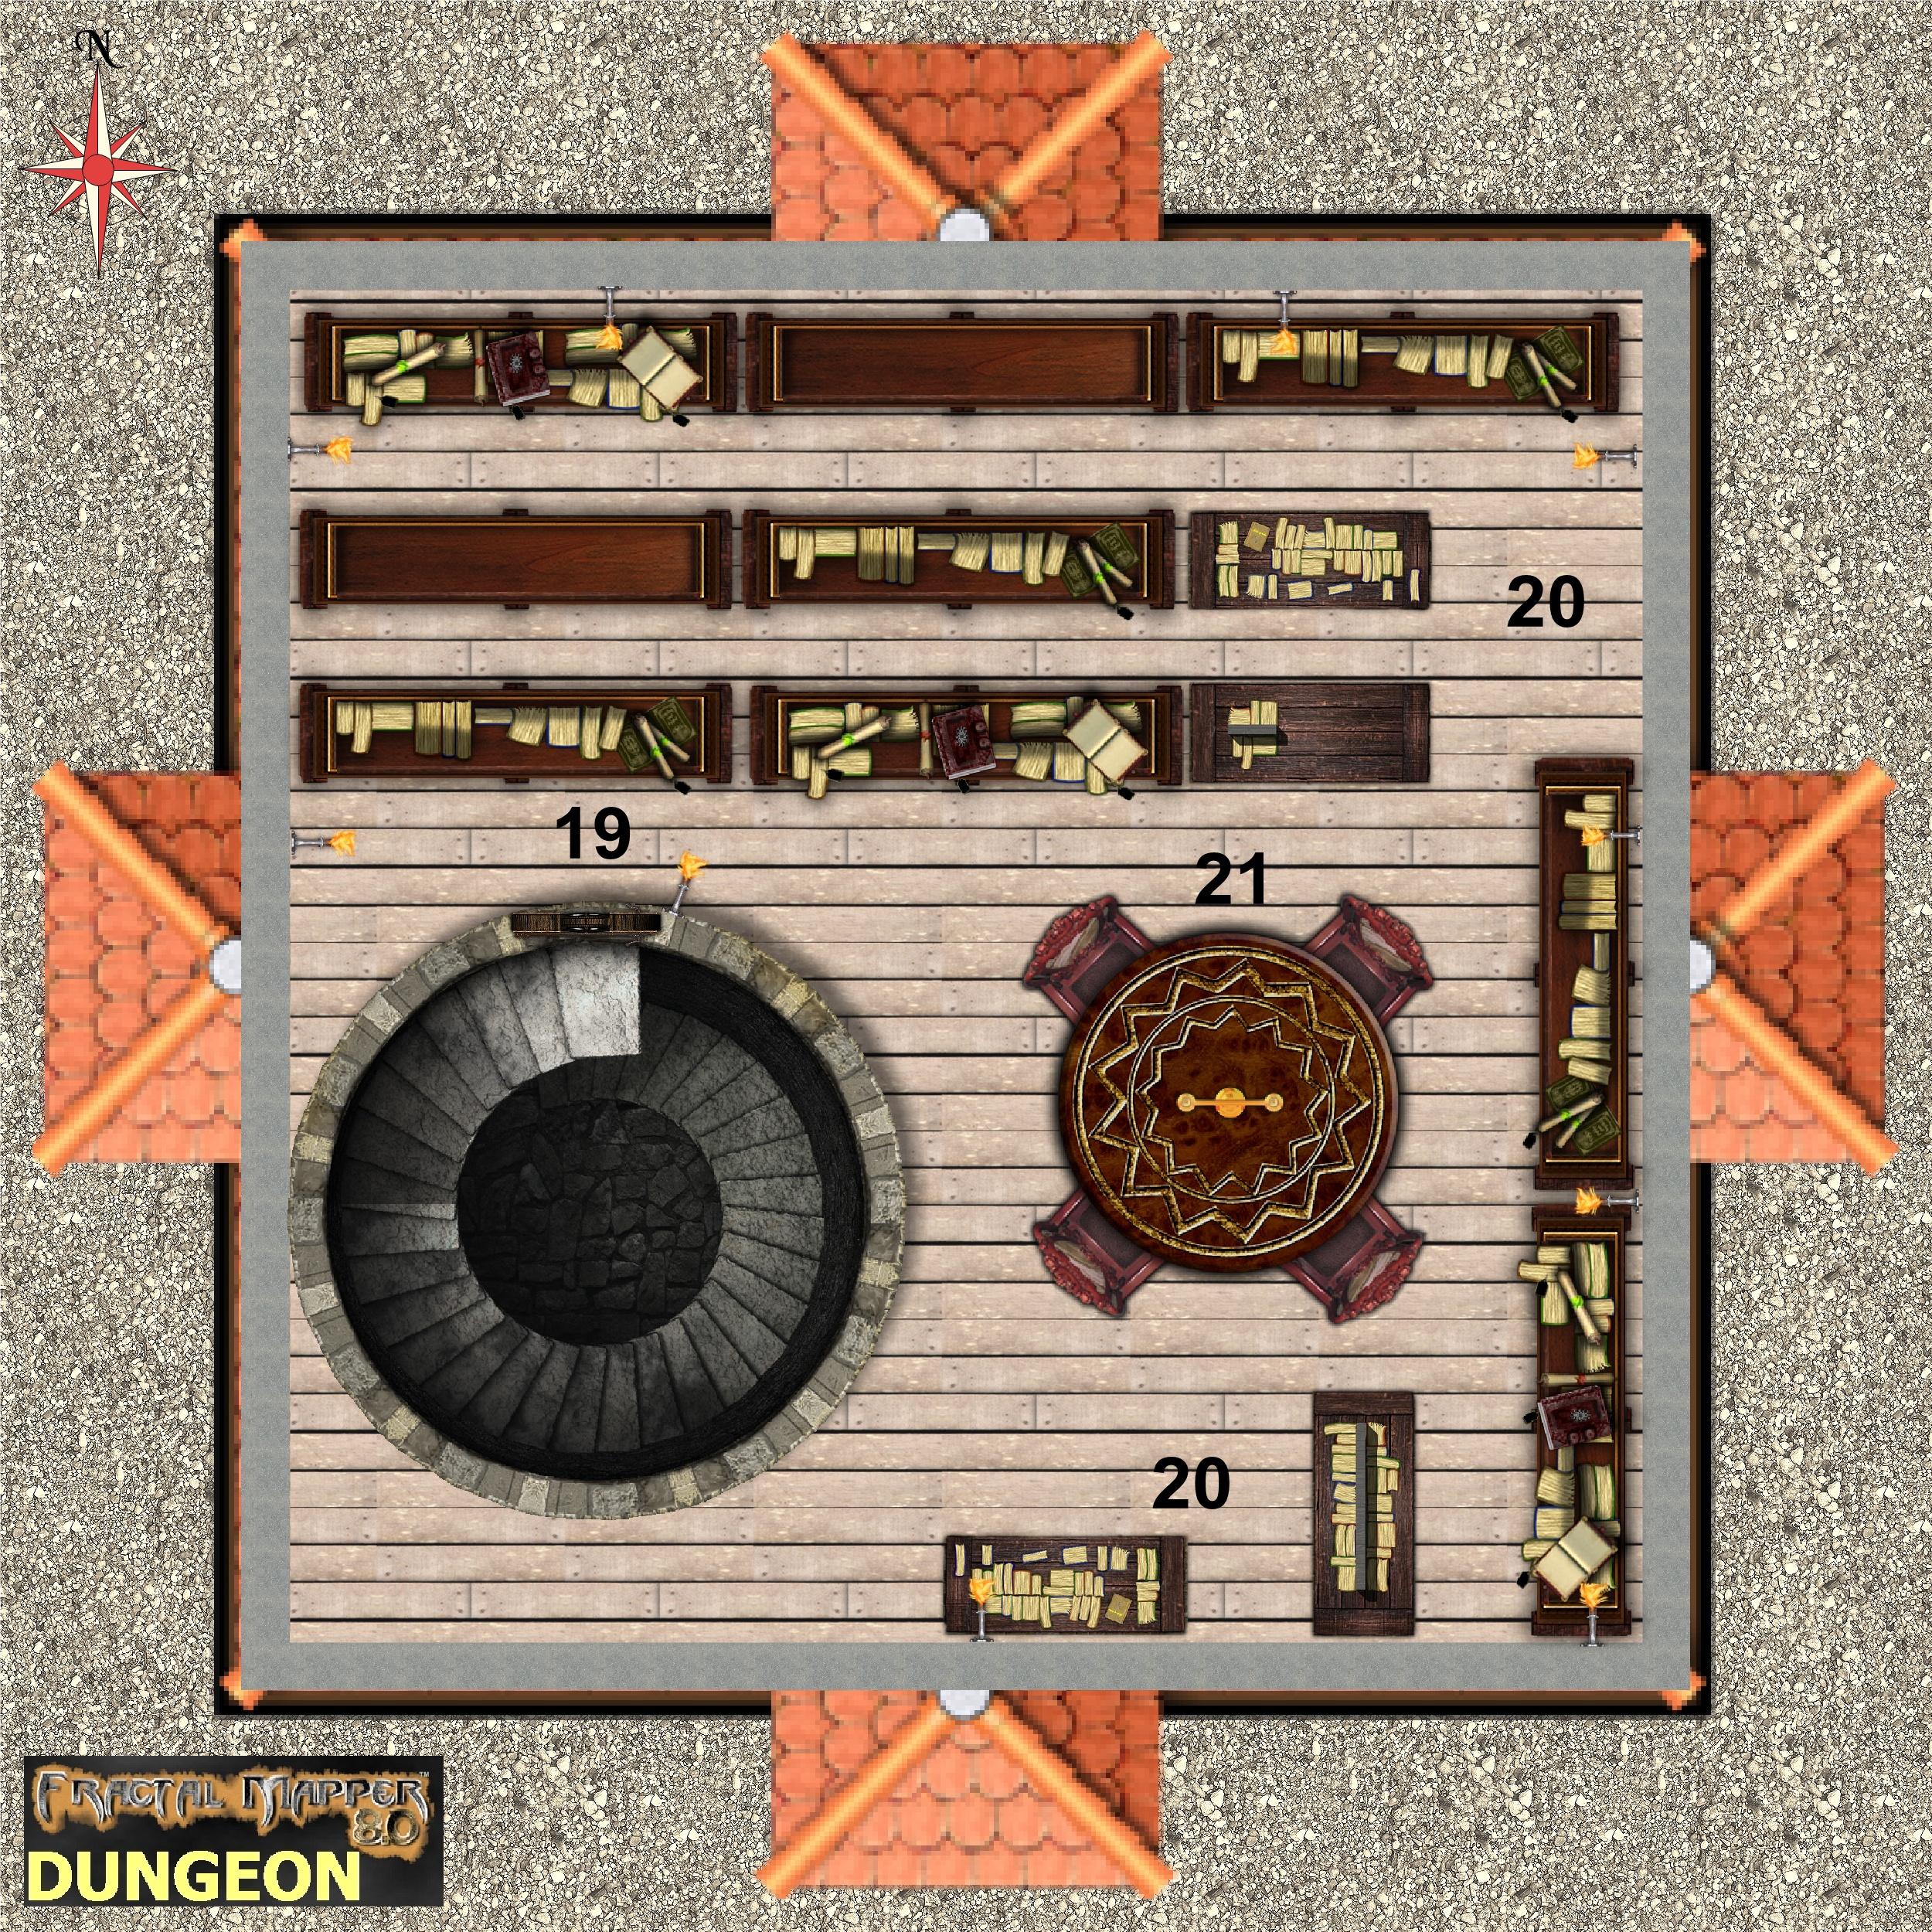 UnderhillCastleTower4S 2500